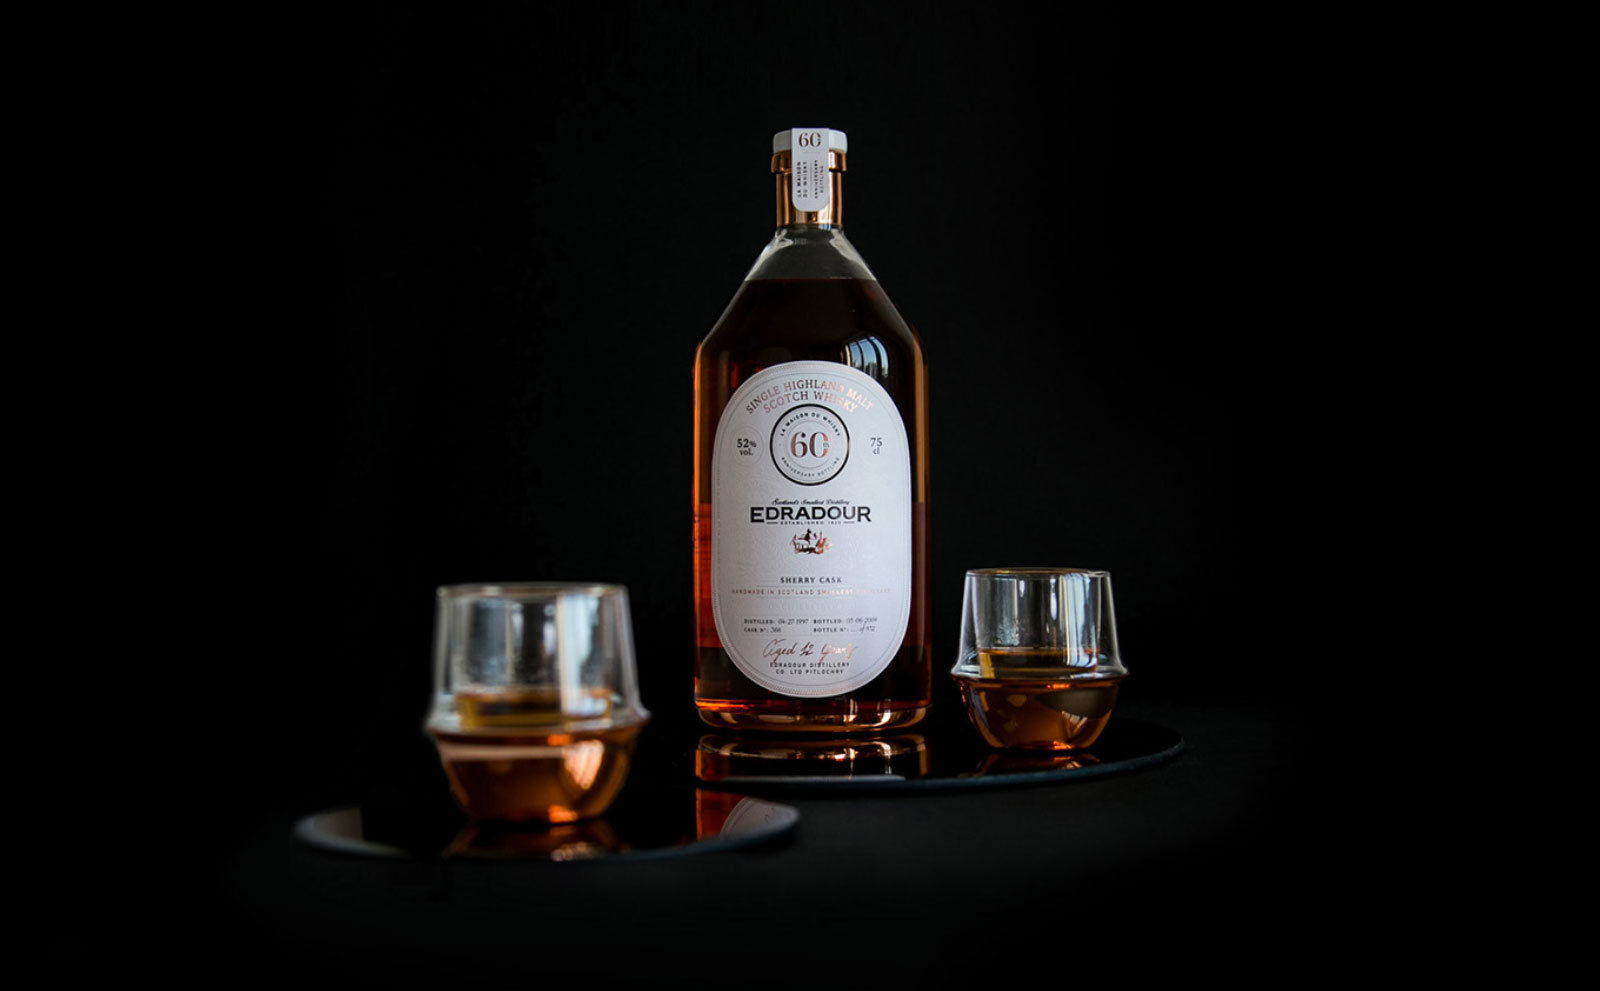 威士忌产品包装设计